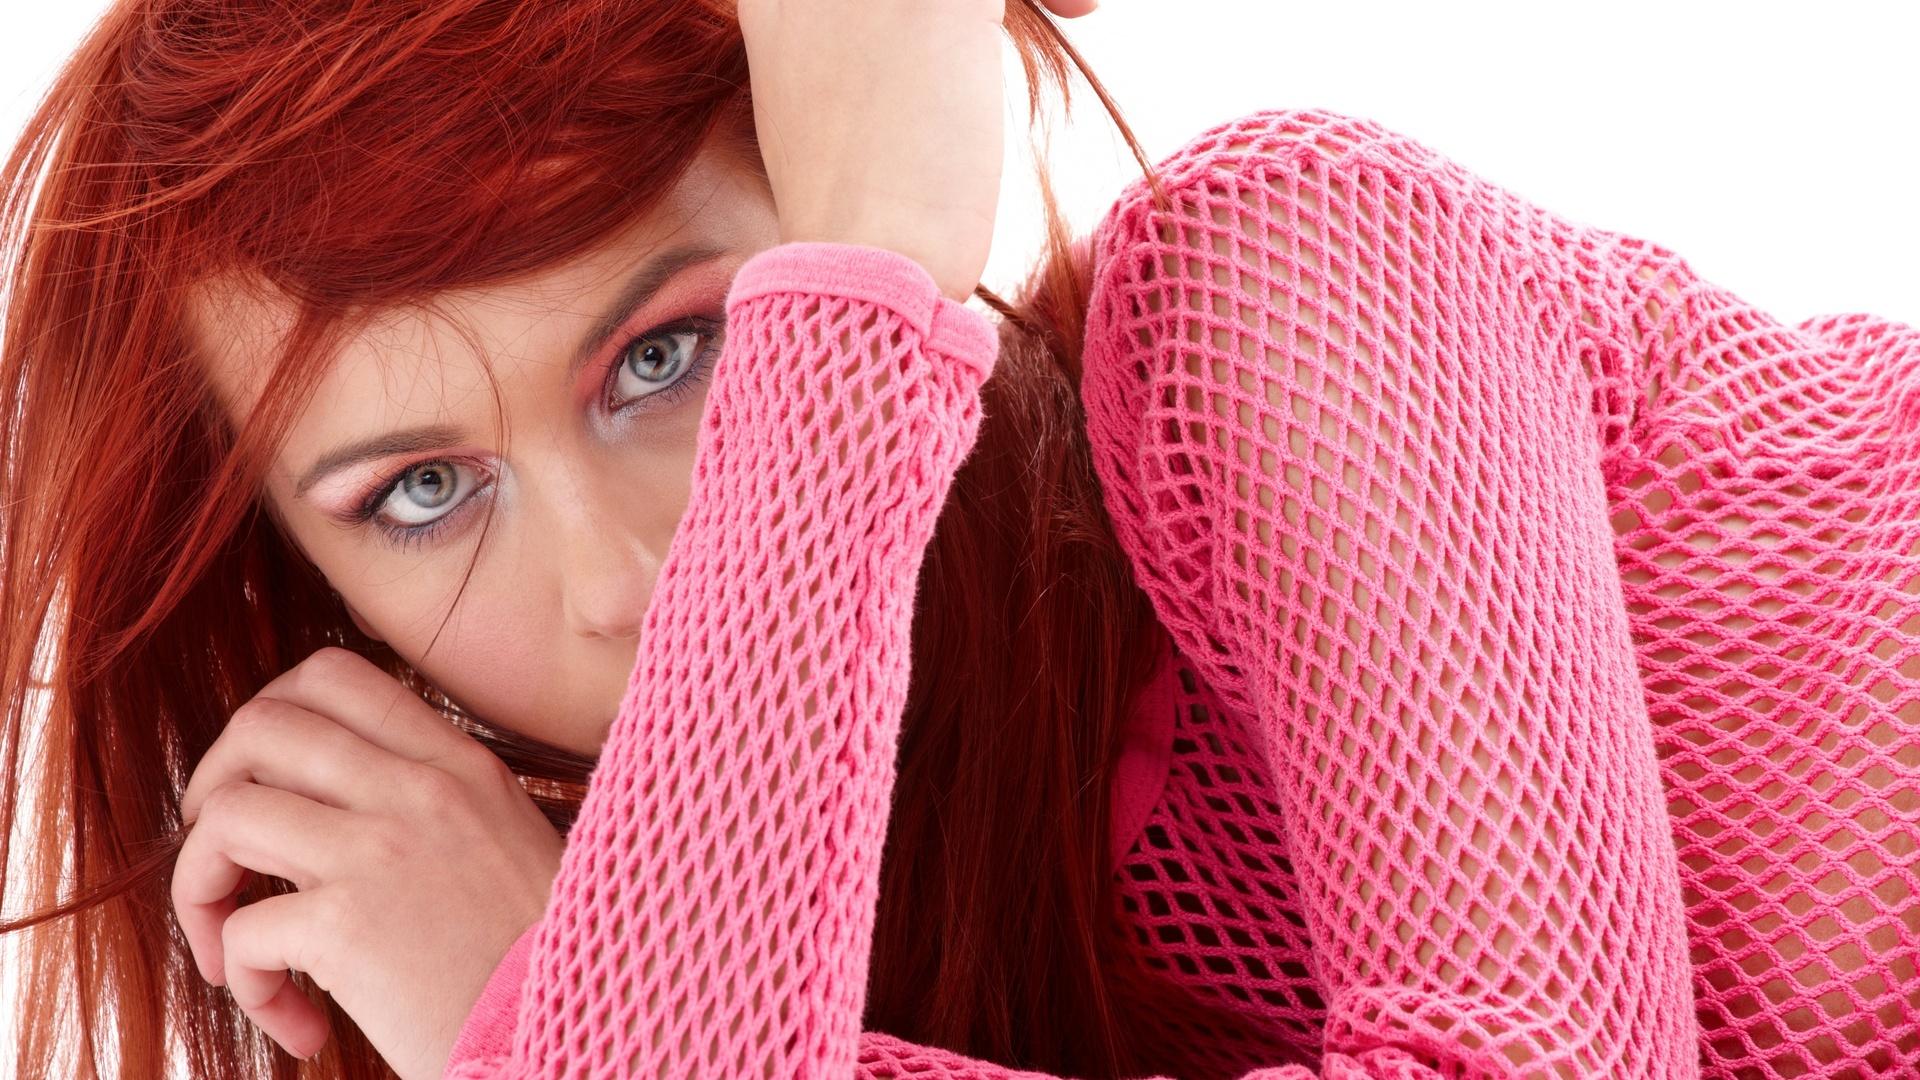 Секс с рыжими девками, Красивые рыжие девушки в бесплатном порно онлайн 28 фотография